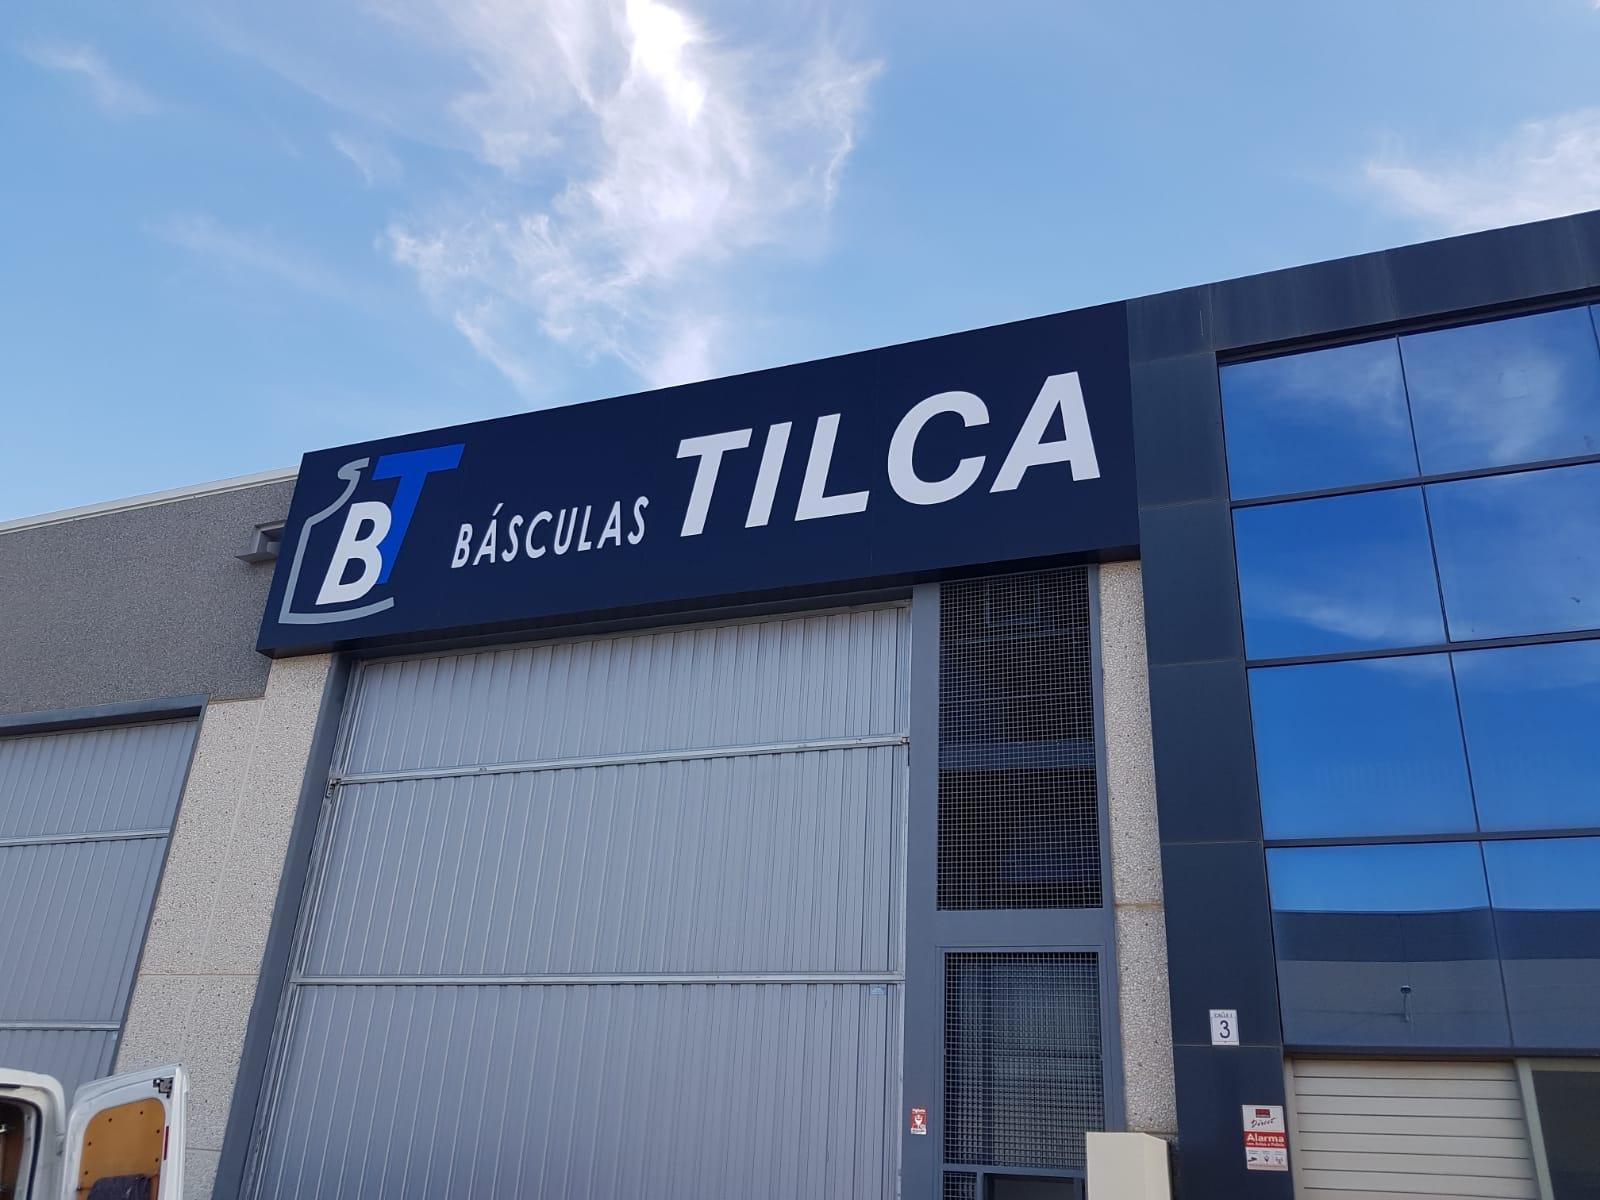 Basculas Tilca